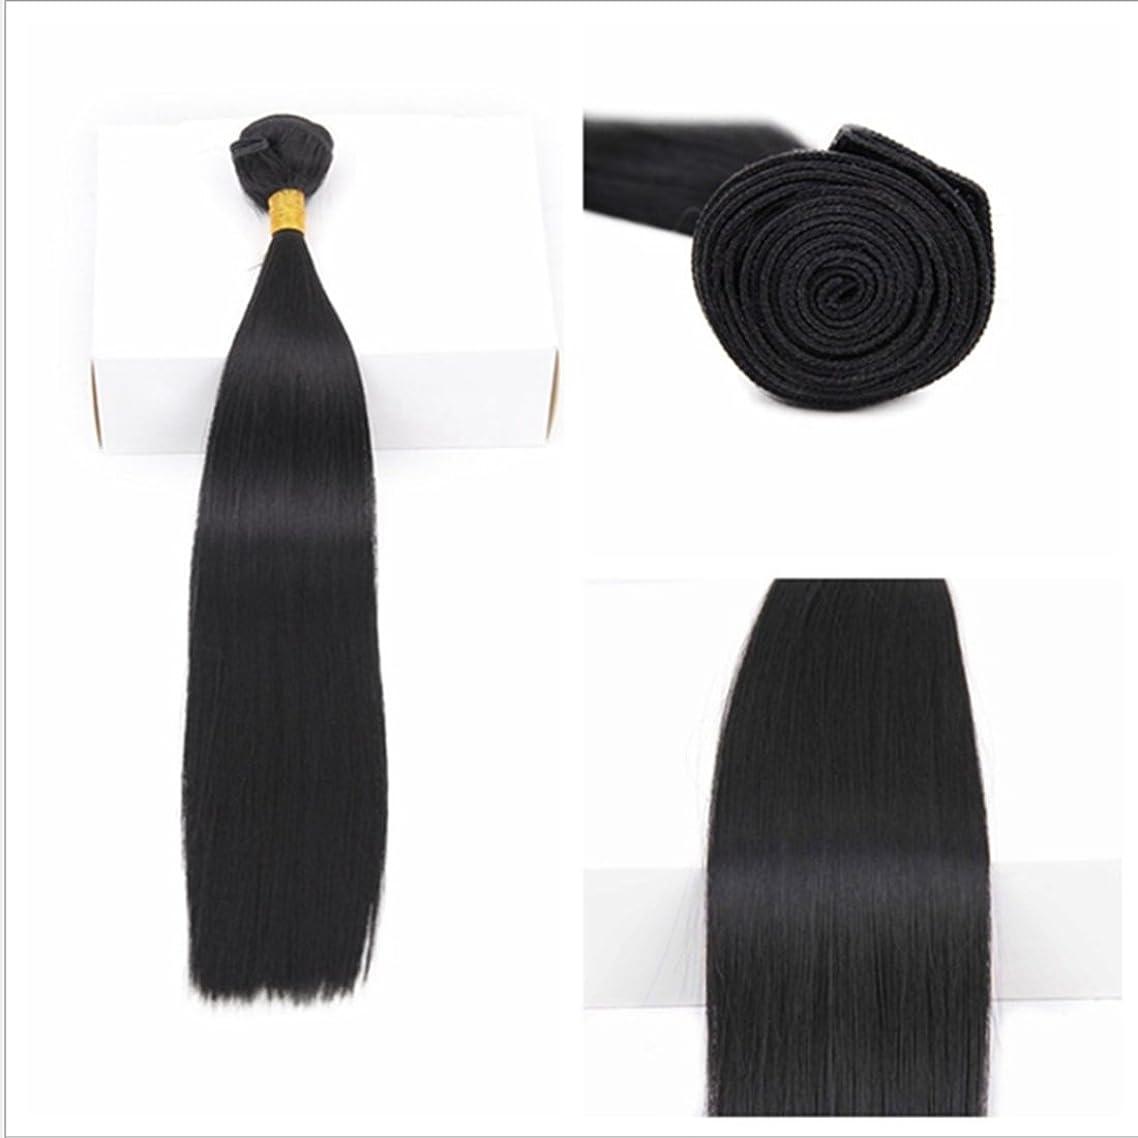 コンピューターを使用する印象派評判JIANFU ブラジル 女性 耐熱 長い ストレート ウィッグ ヘア カーテン 非染色(70g / 100g) 18 インチ 至る 10インチ ブラックヘア (サイズ : 20inch(70g))